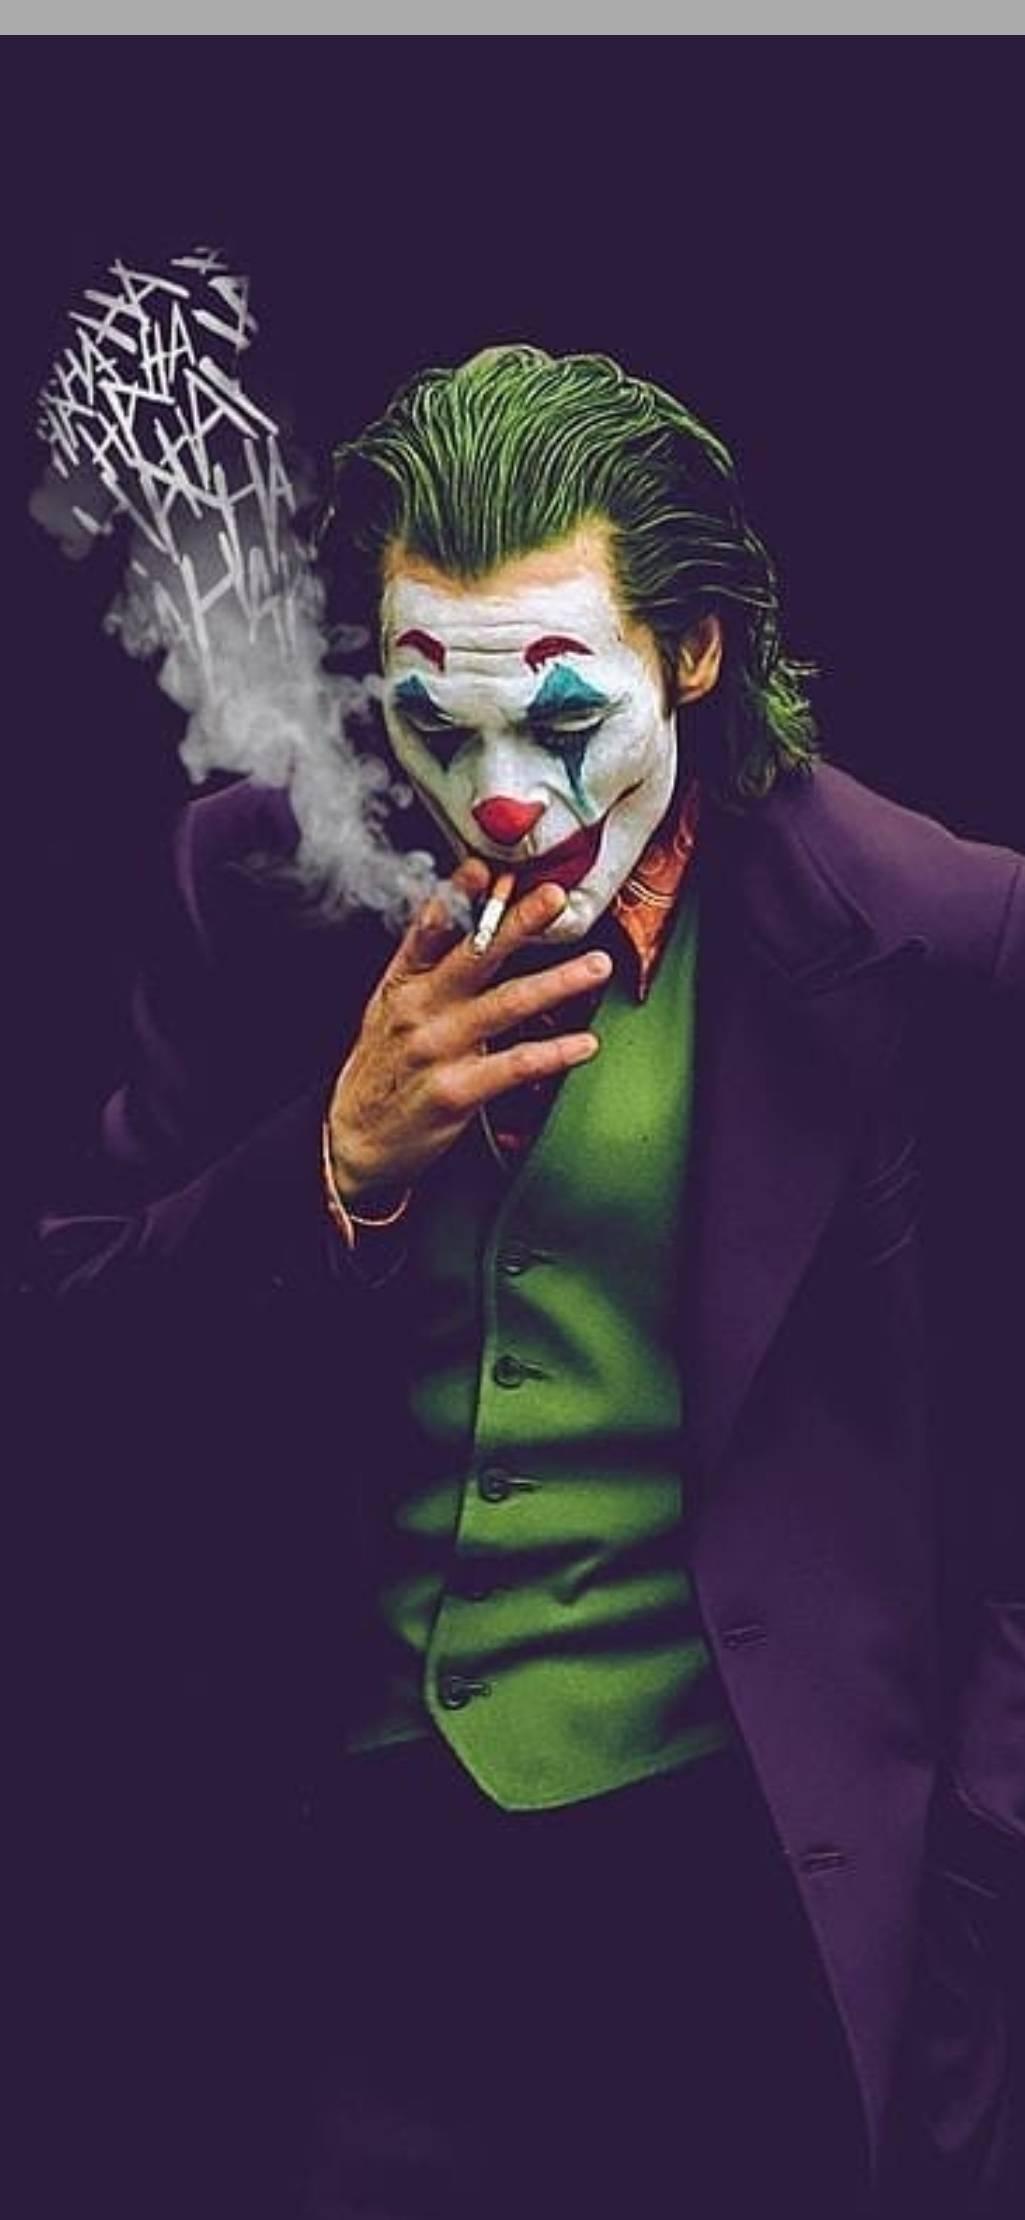 Joker 2019 Images - Joker 2019 Wallpaper Phone - HD Wallpaper